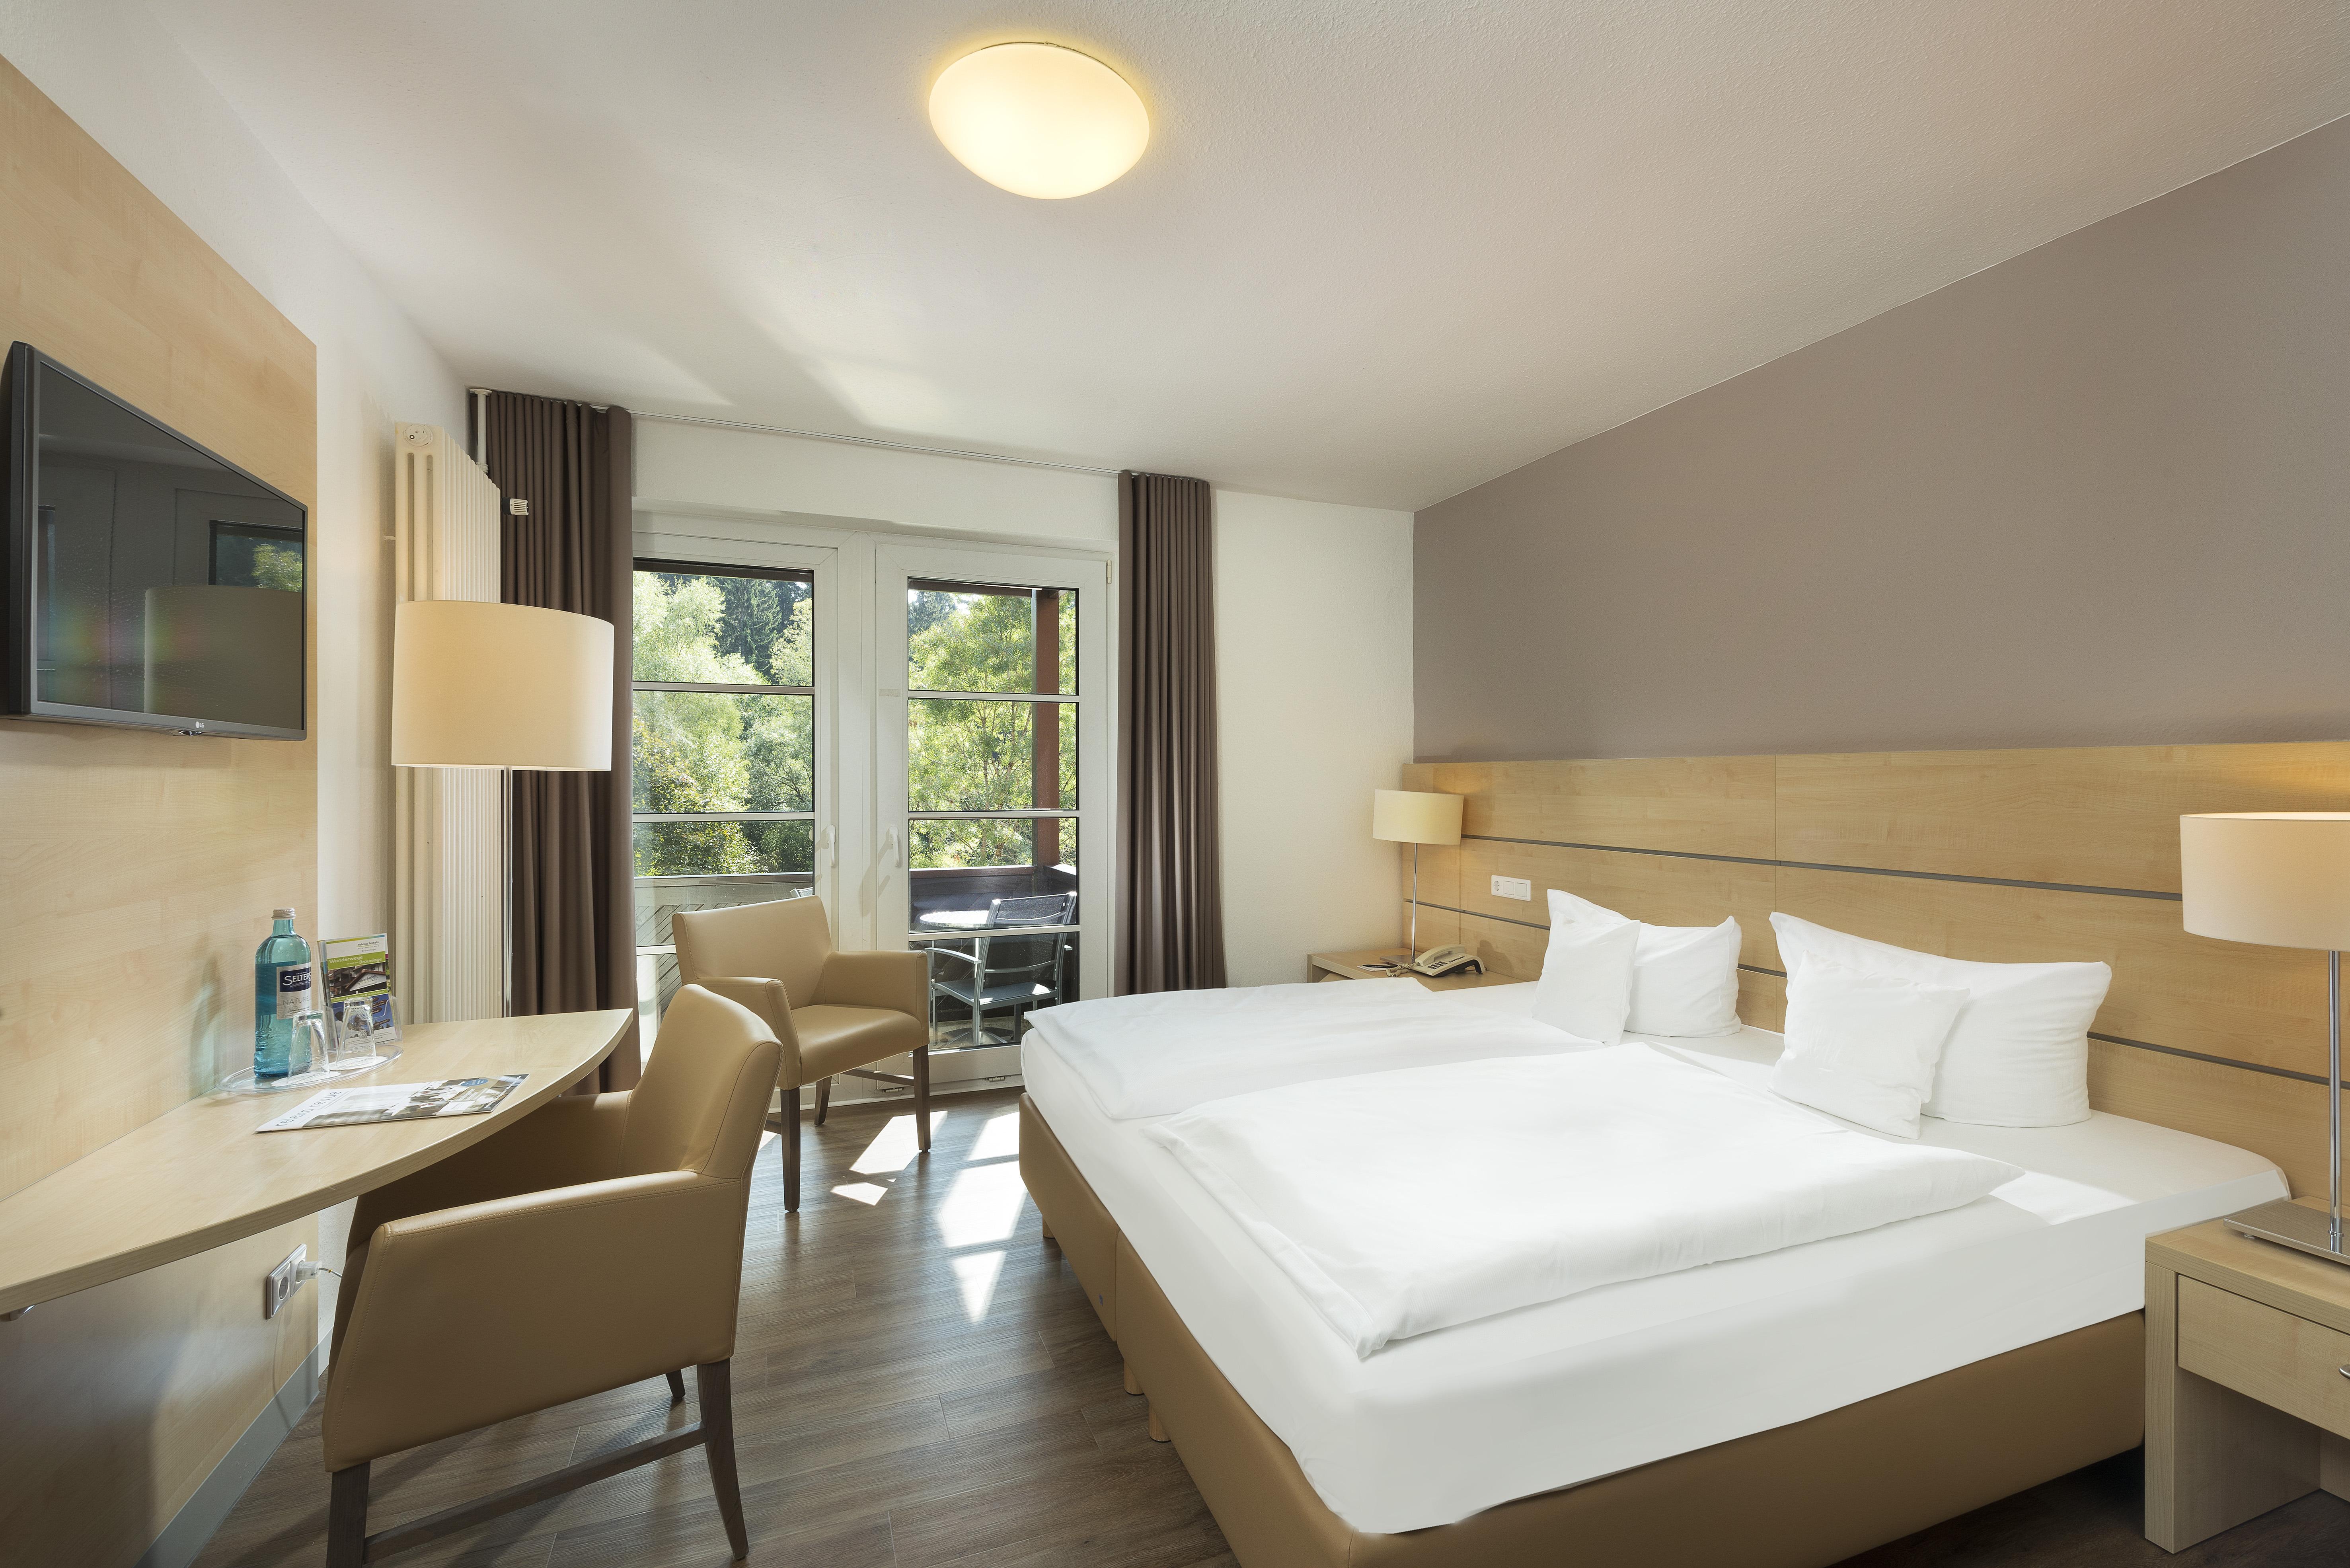 relexa hotel Harz-Wald - Braunlage - Doppelzimmer classic